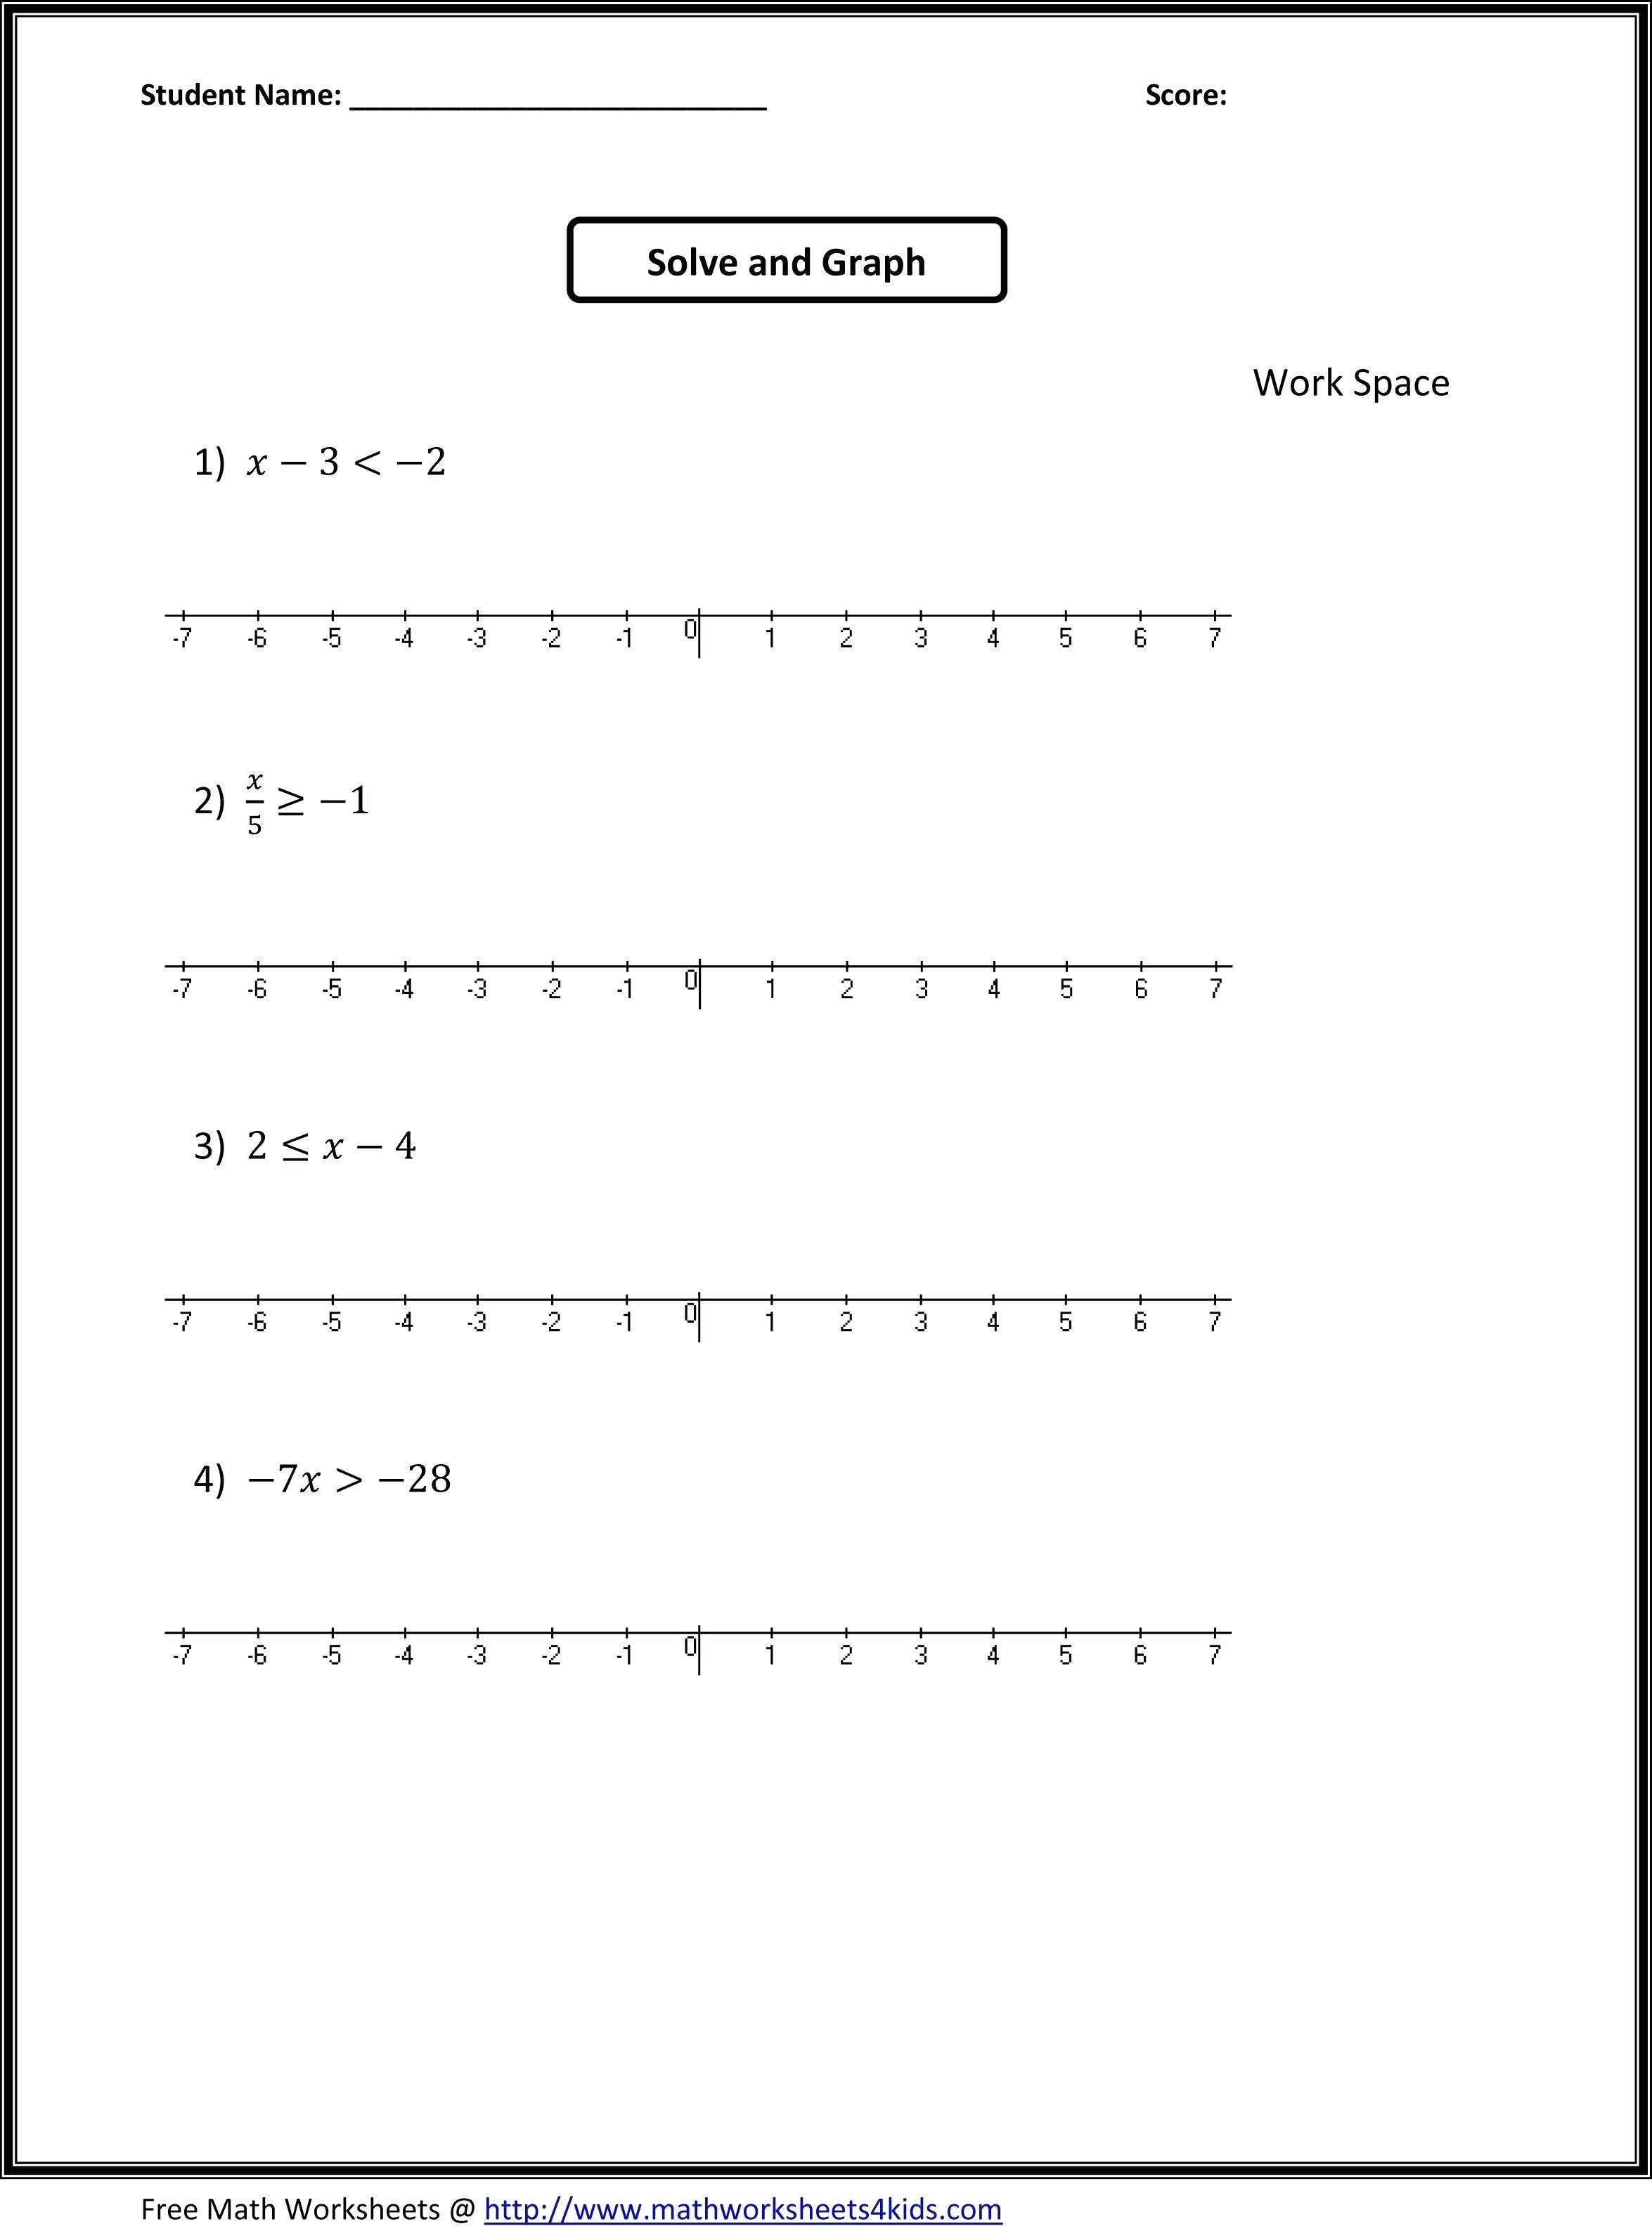 37 Clever Math Practice Worksheets Design Math worksheets